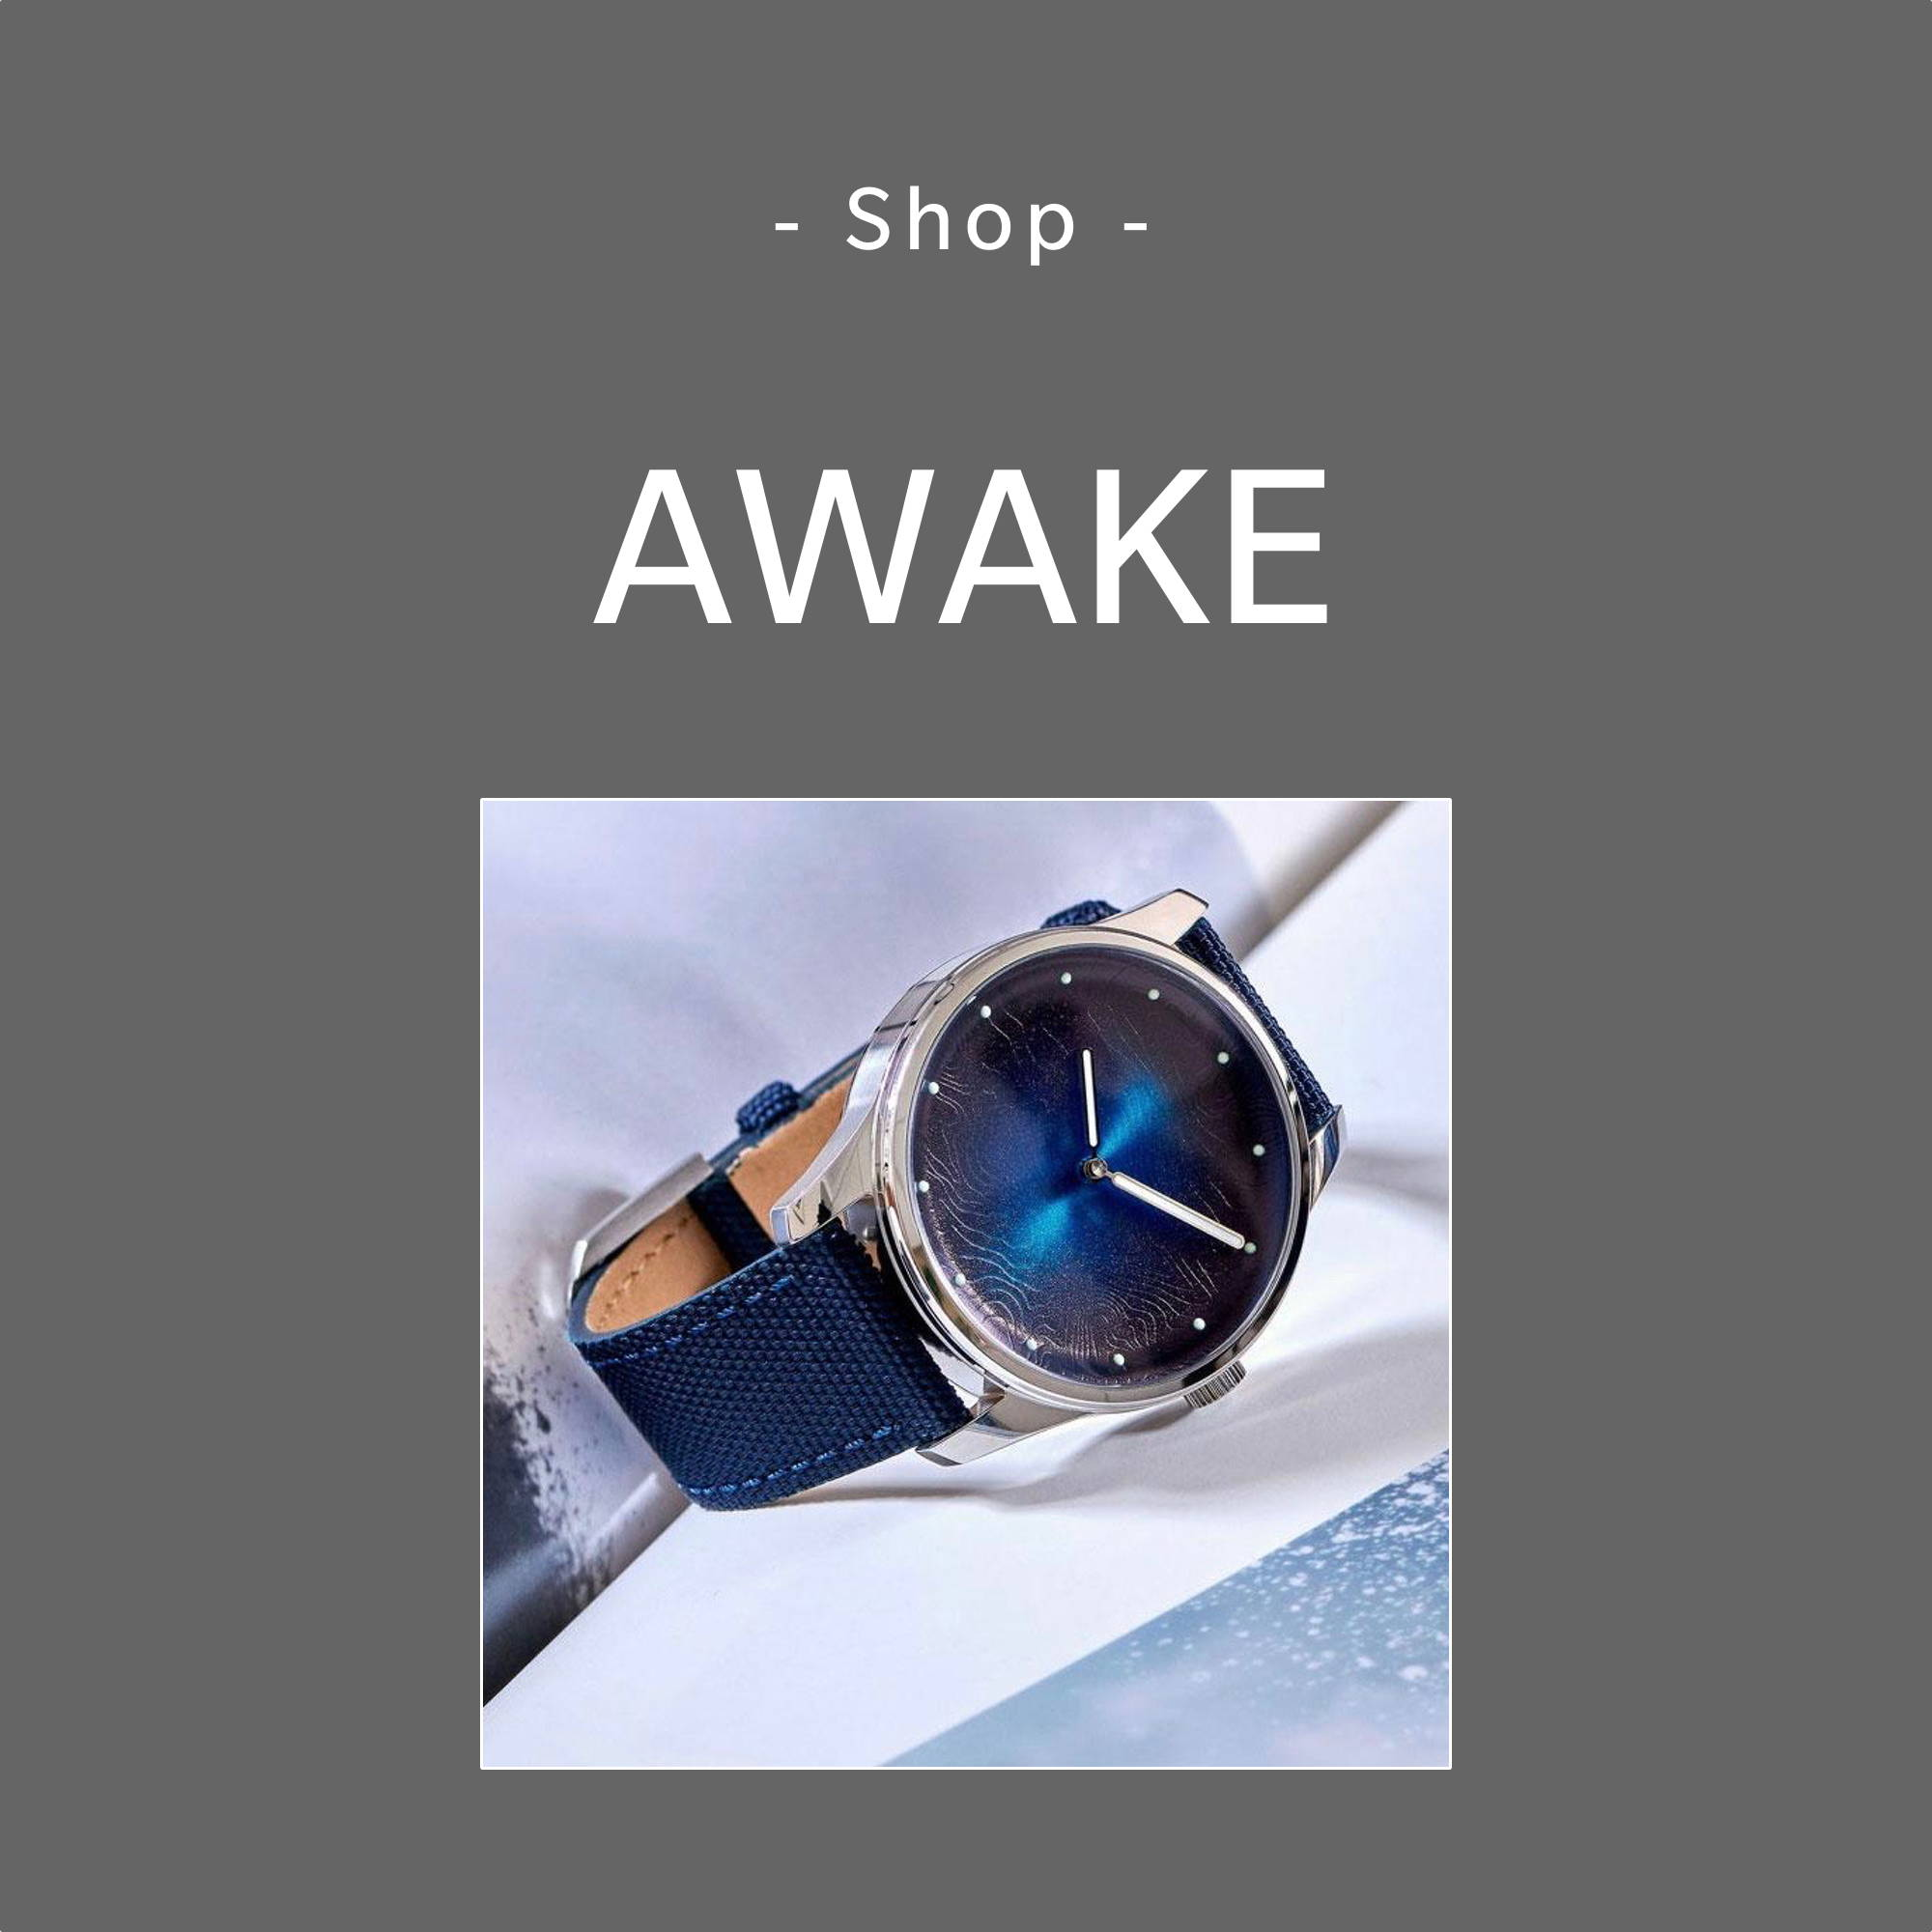 Awake Brand Page